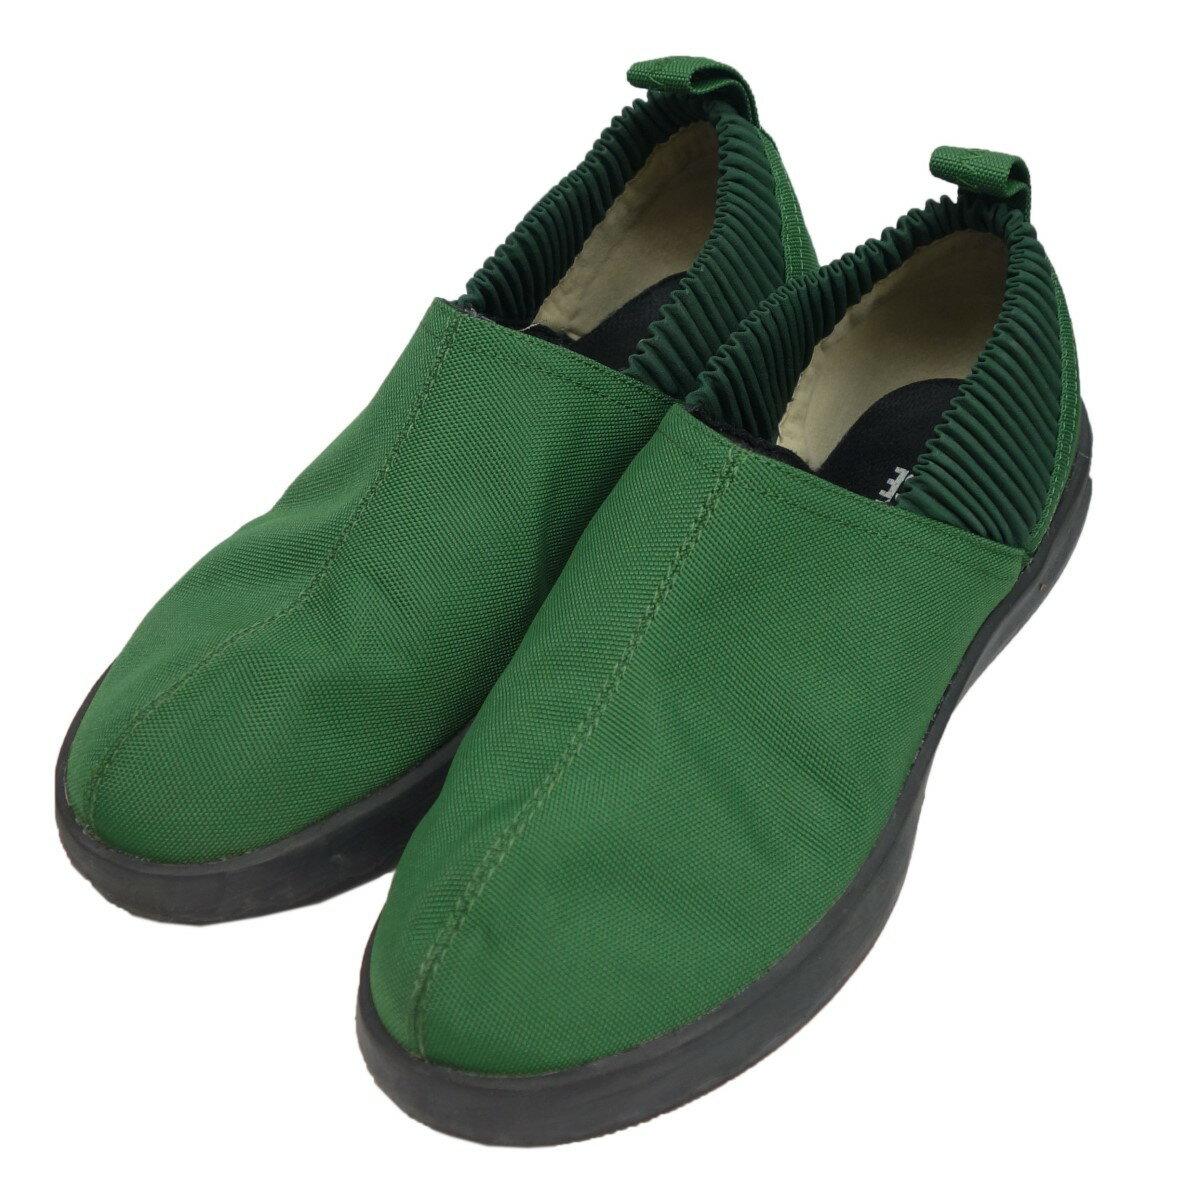 メンズ靴, その他 HOMME PLISSE ISSEY MIYAKE 28cm 040920